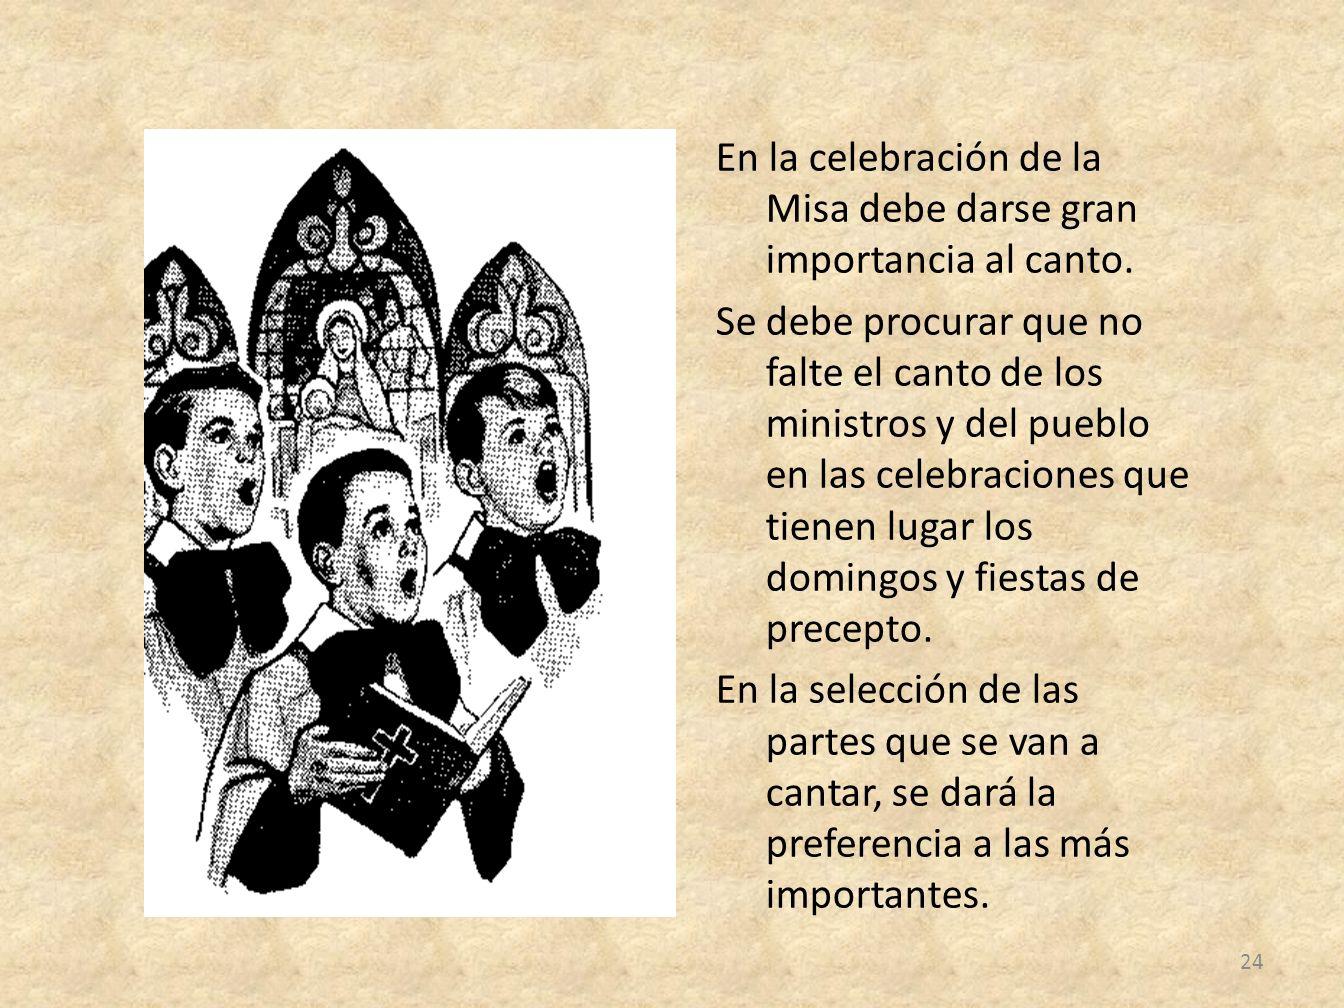 En la celebración de la Misa debe darse gran importancia al canto. Se debe procurar que no falte el canto de los ministros y del pueblo en las celebra